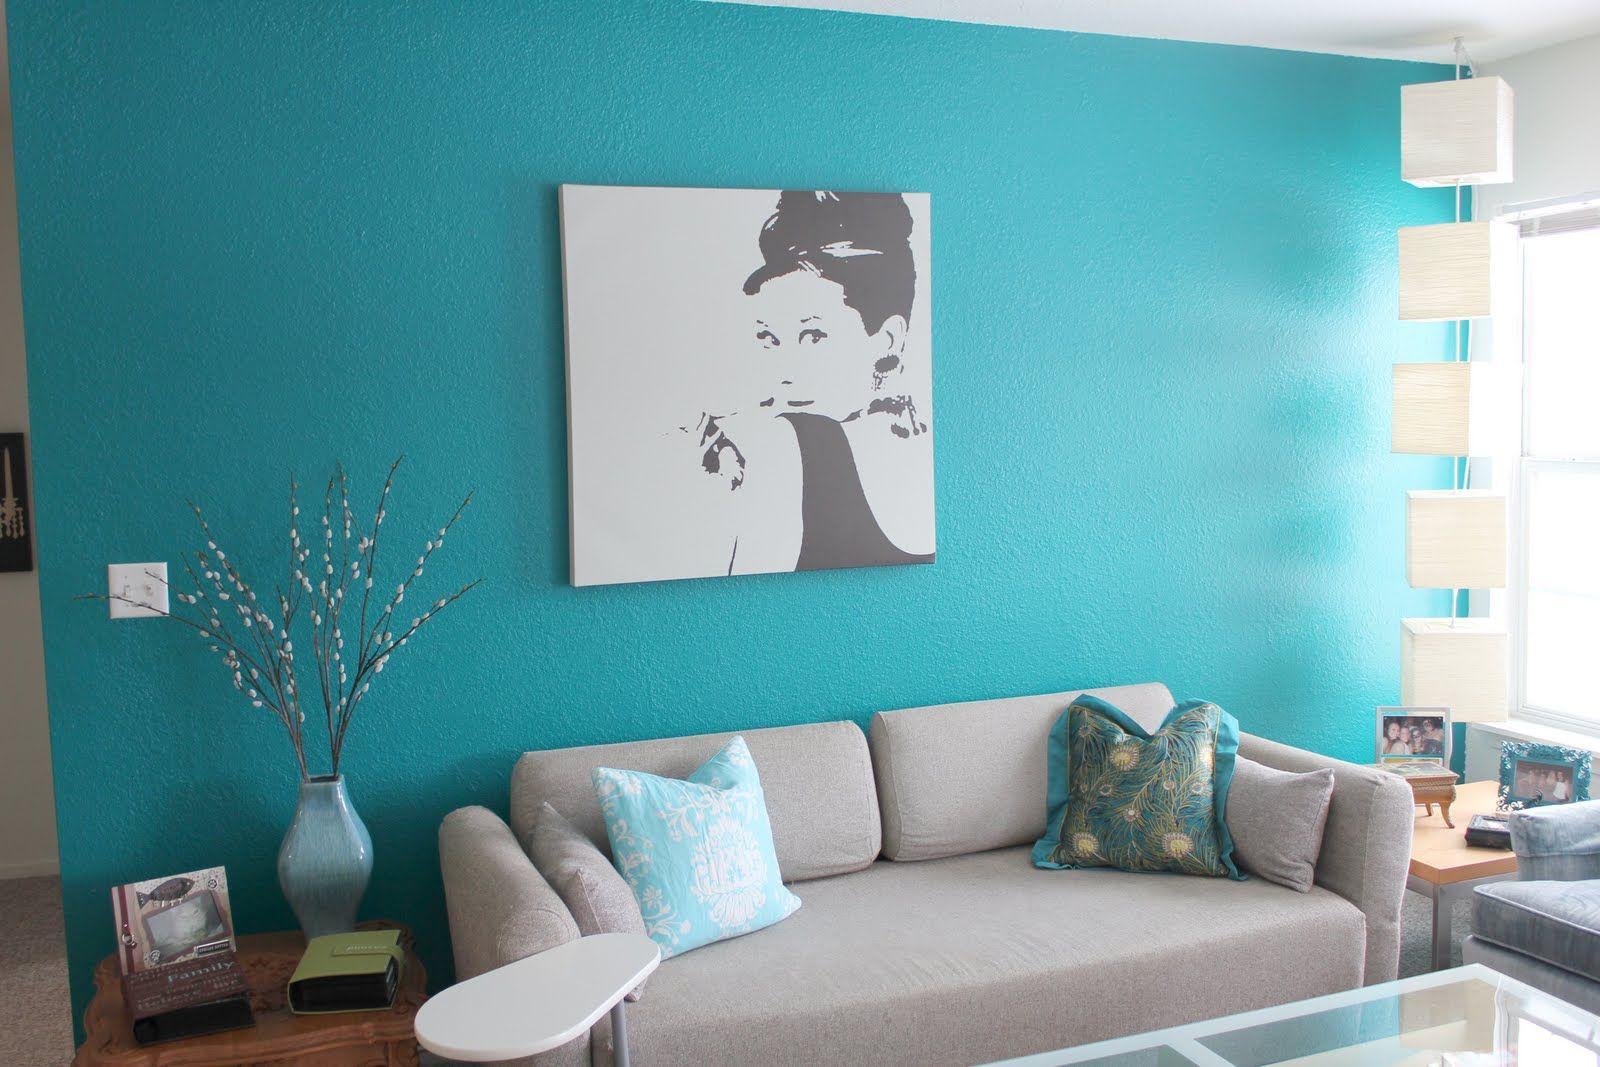 Какие краски для стен лучше подобрать